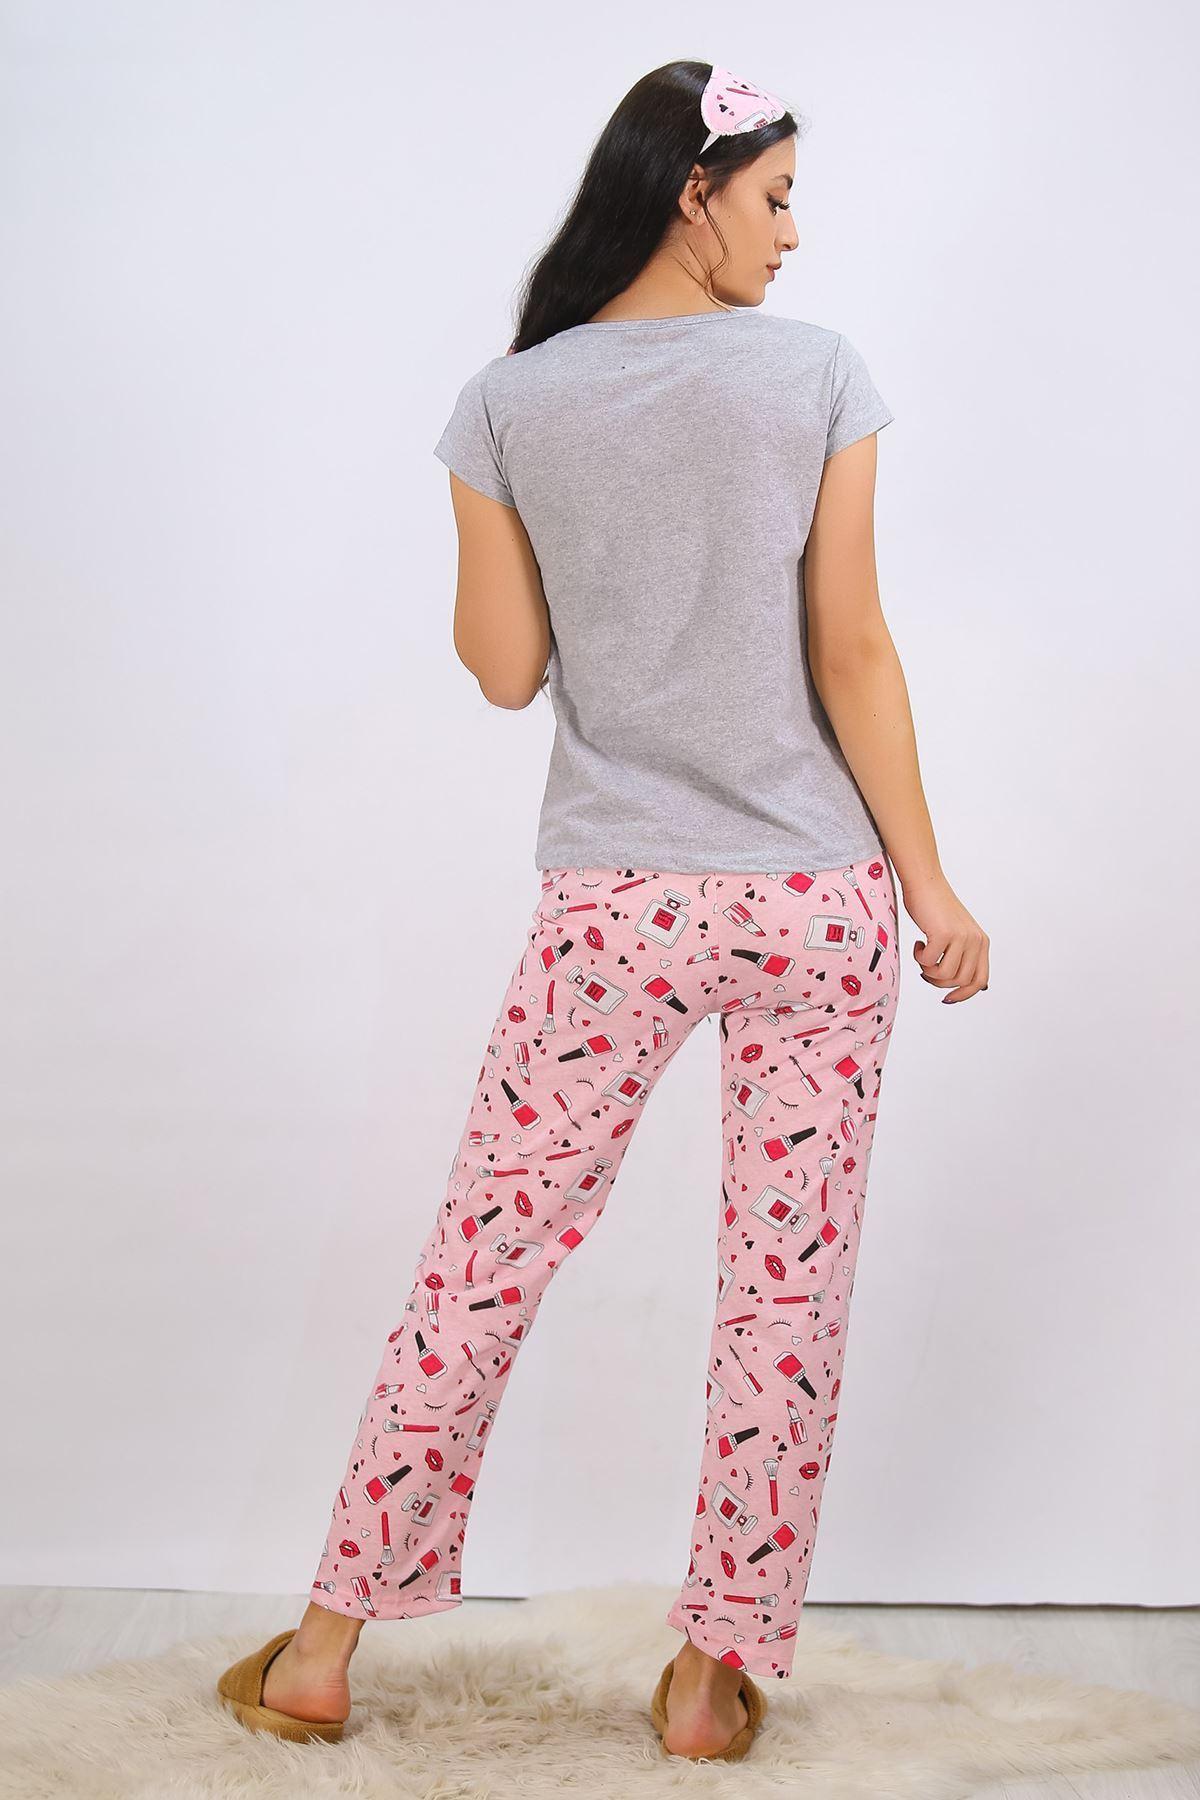 Baskılı Pijama Takımı Gri - 4707.102.